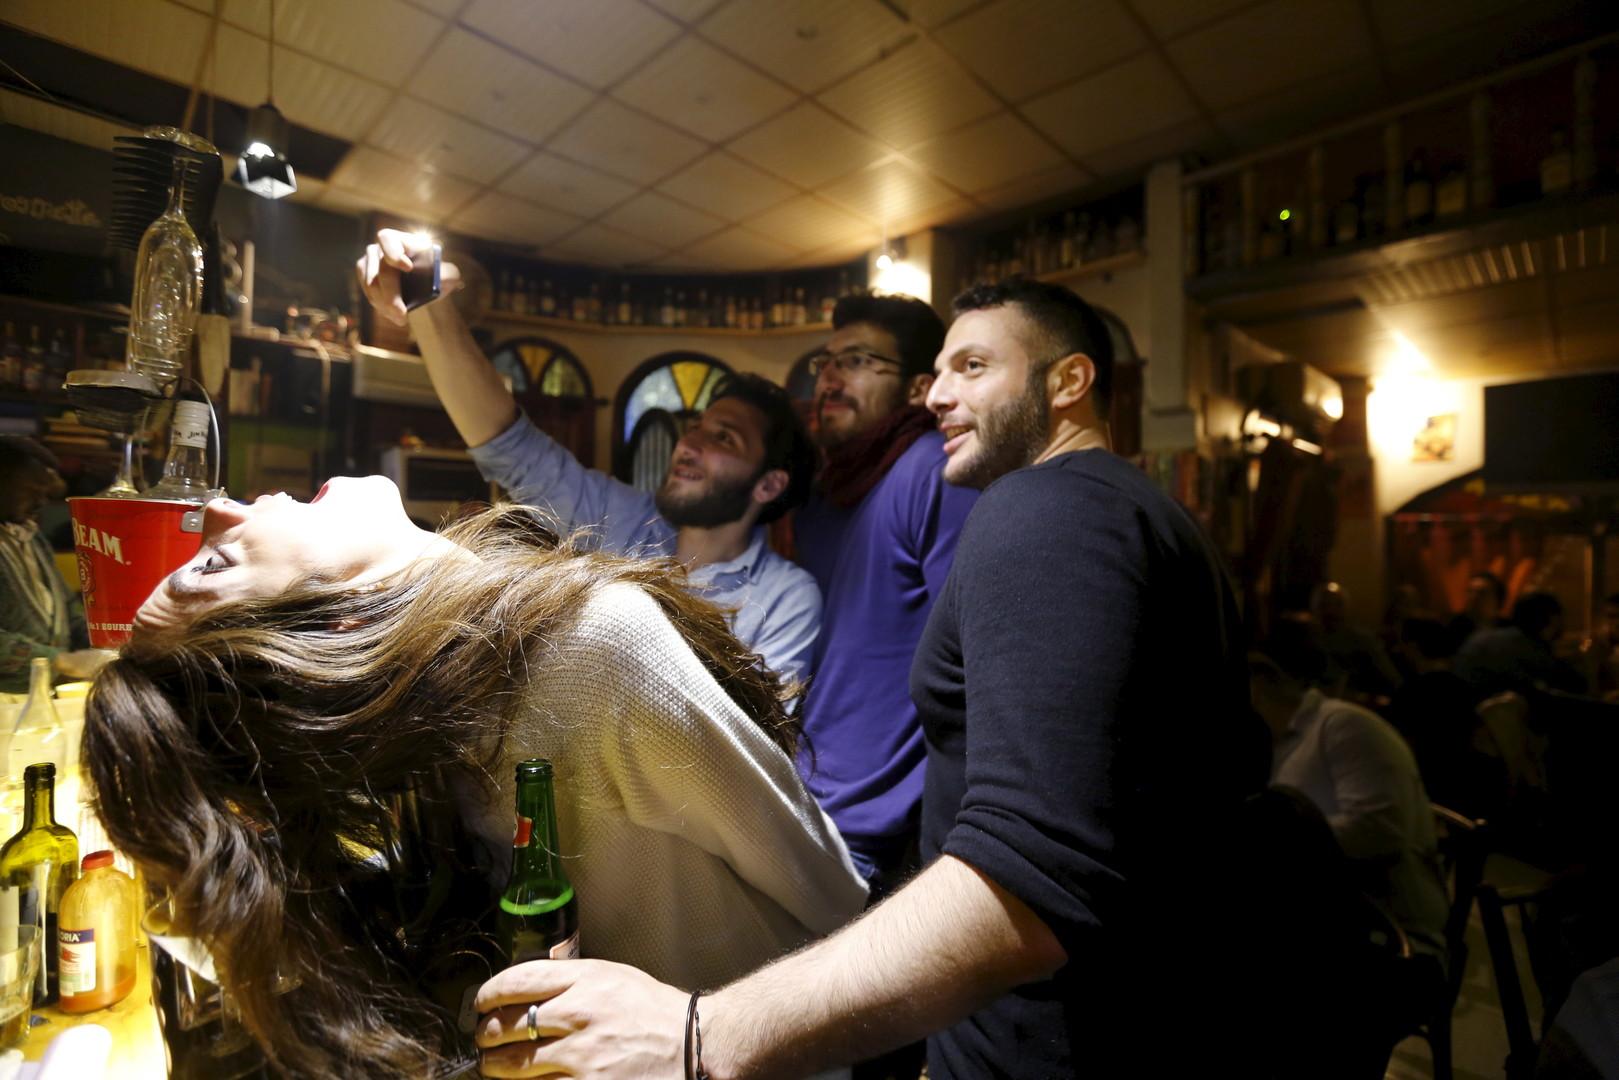 """Gäste machen ein Selfie im """"La Marionnette Pub"""", Damaskus, 10. März 2016"""